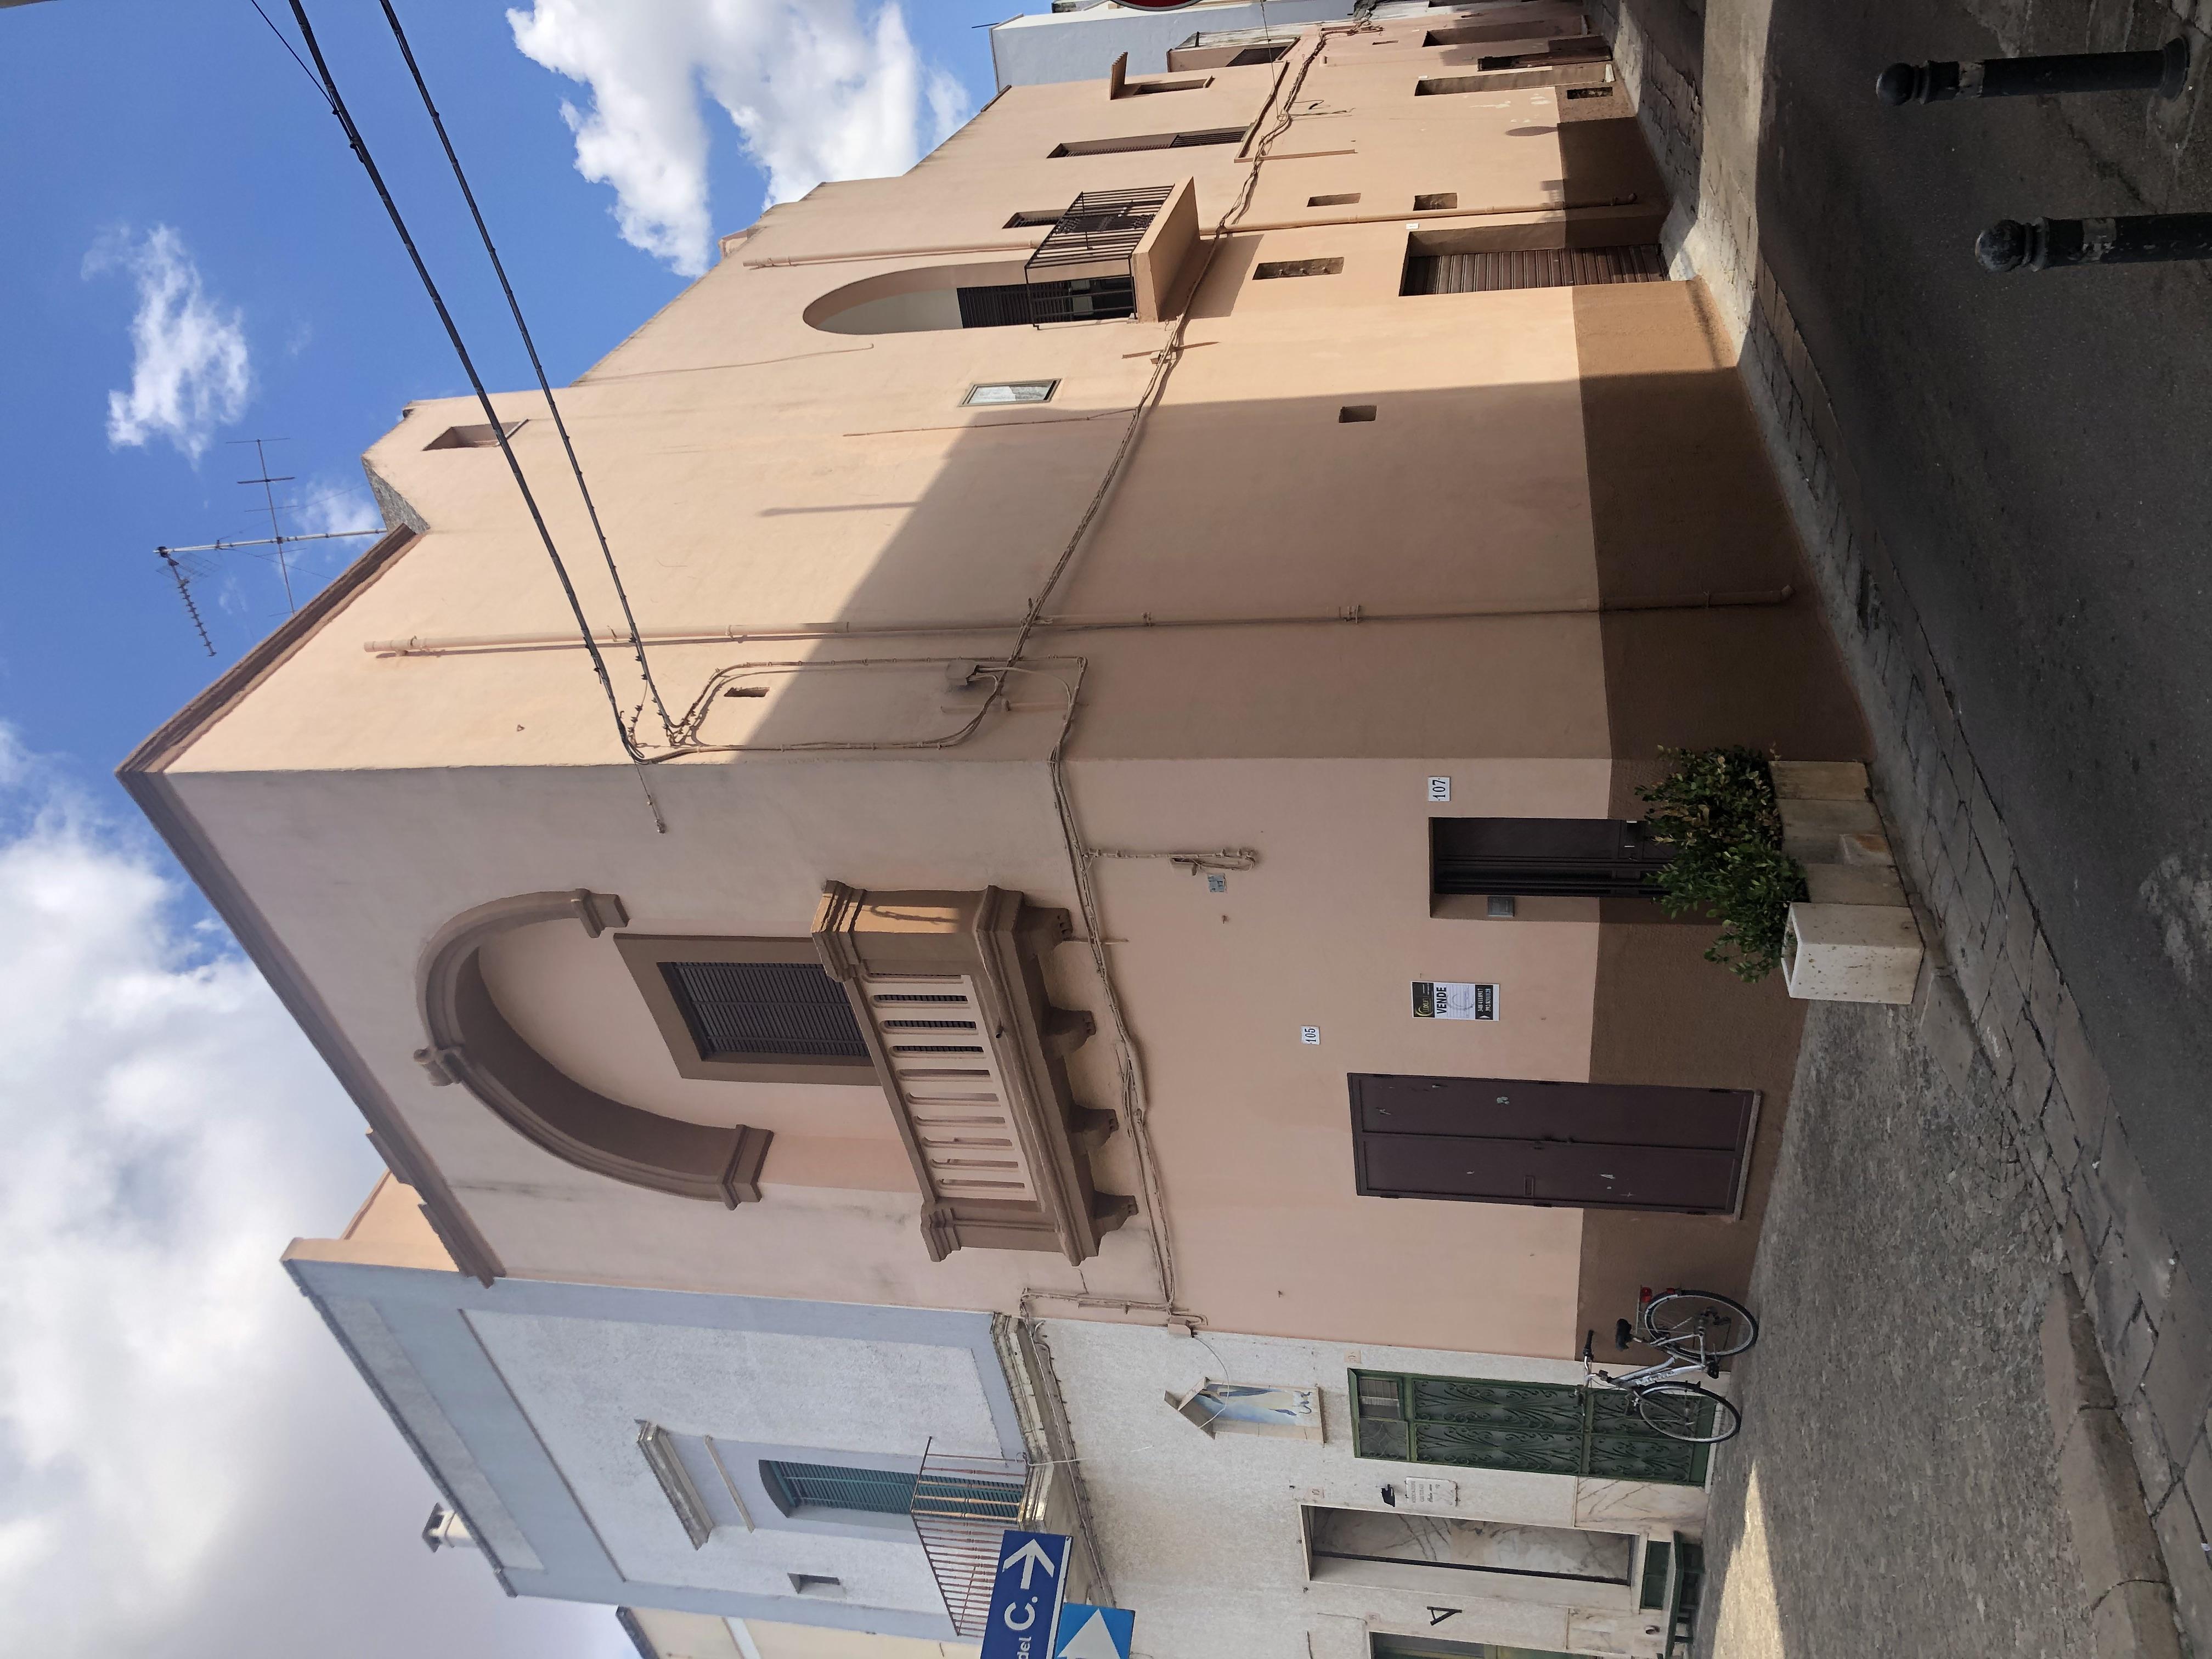 Abitazione nel centro storico a Taurisano